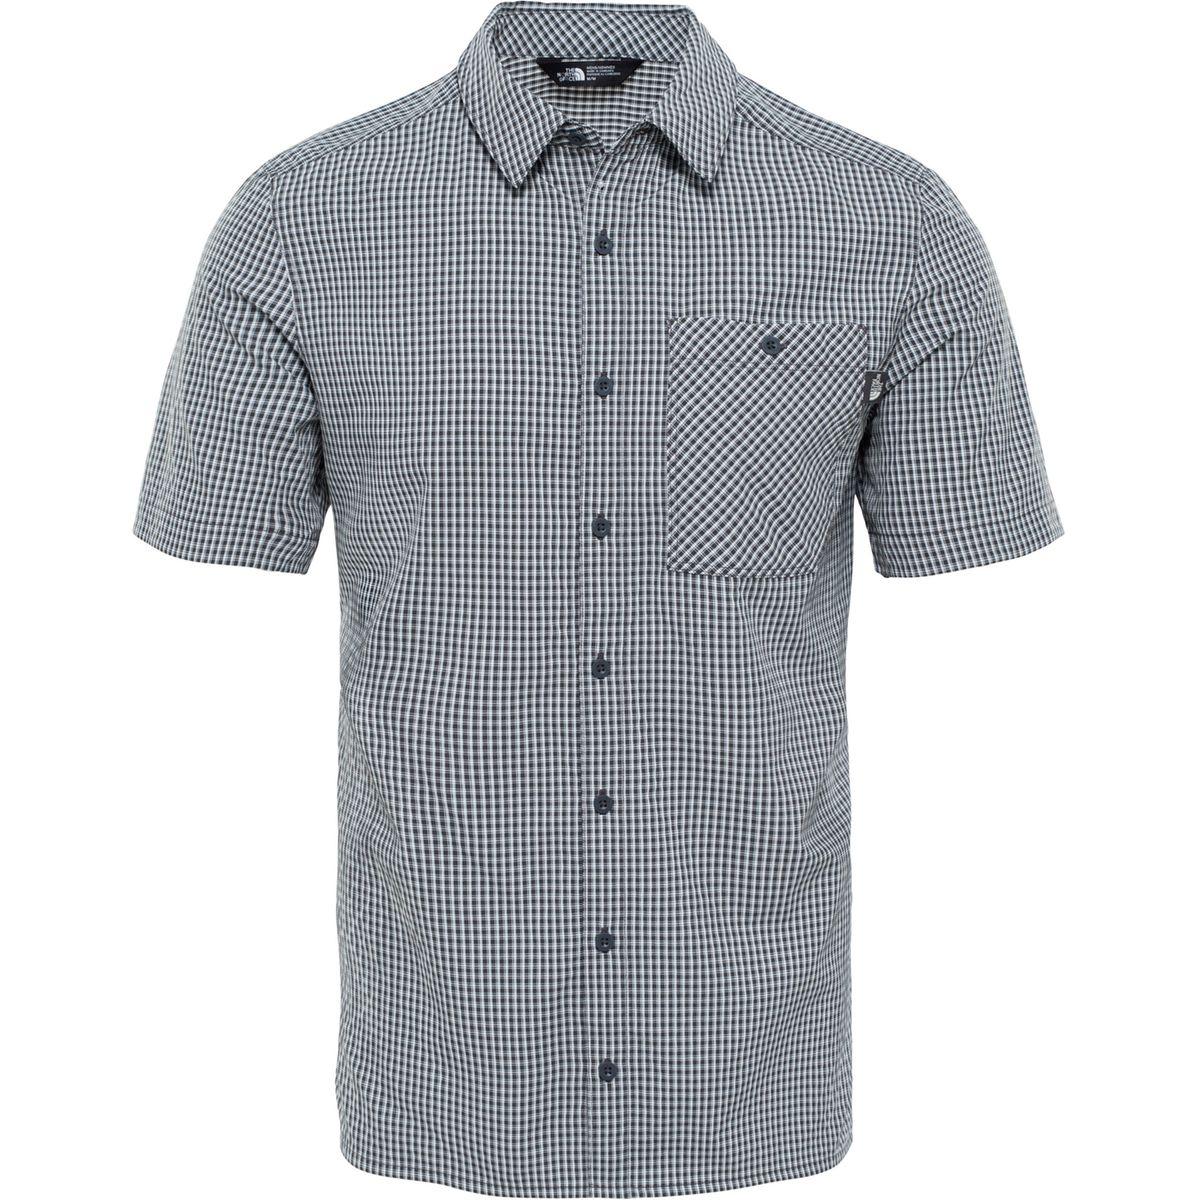 Hypress - T-shirt manches courtes Homme - gris